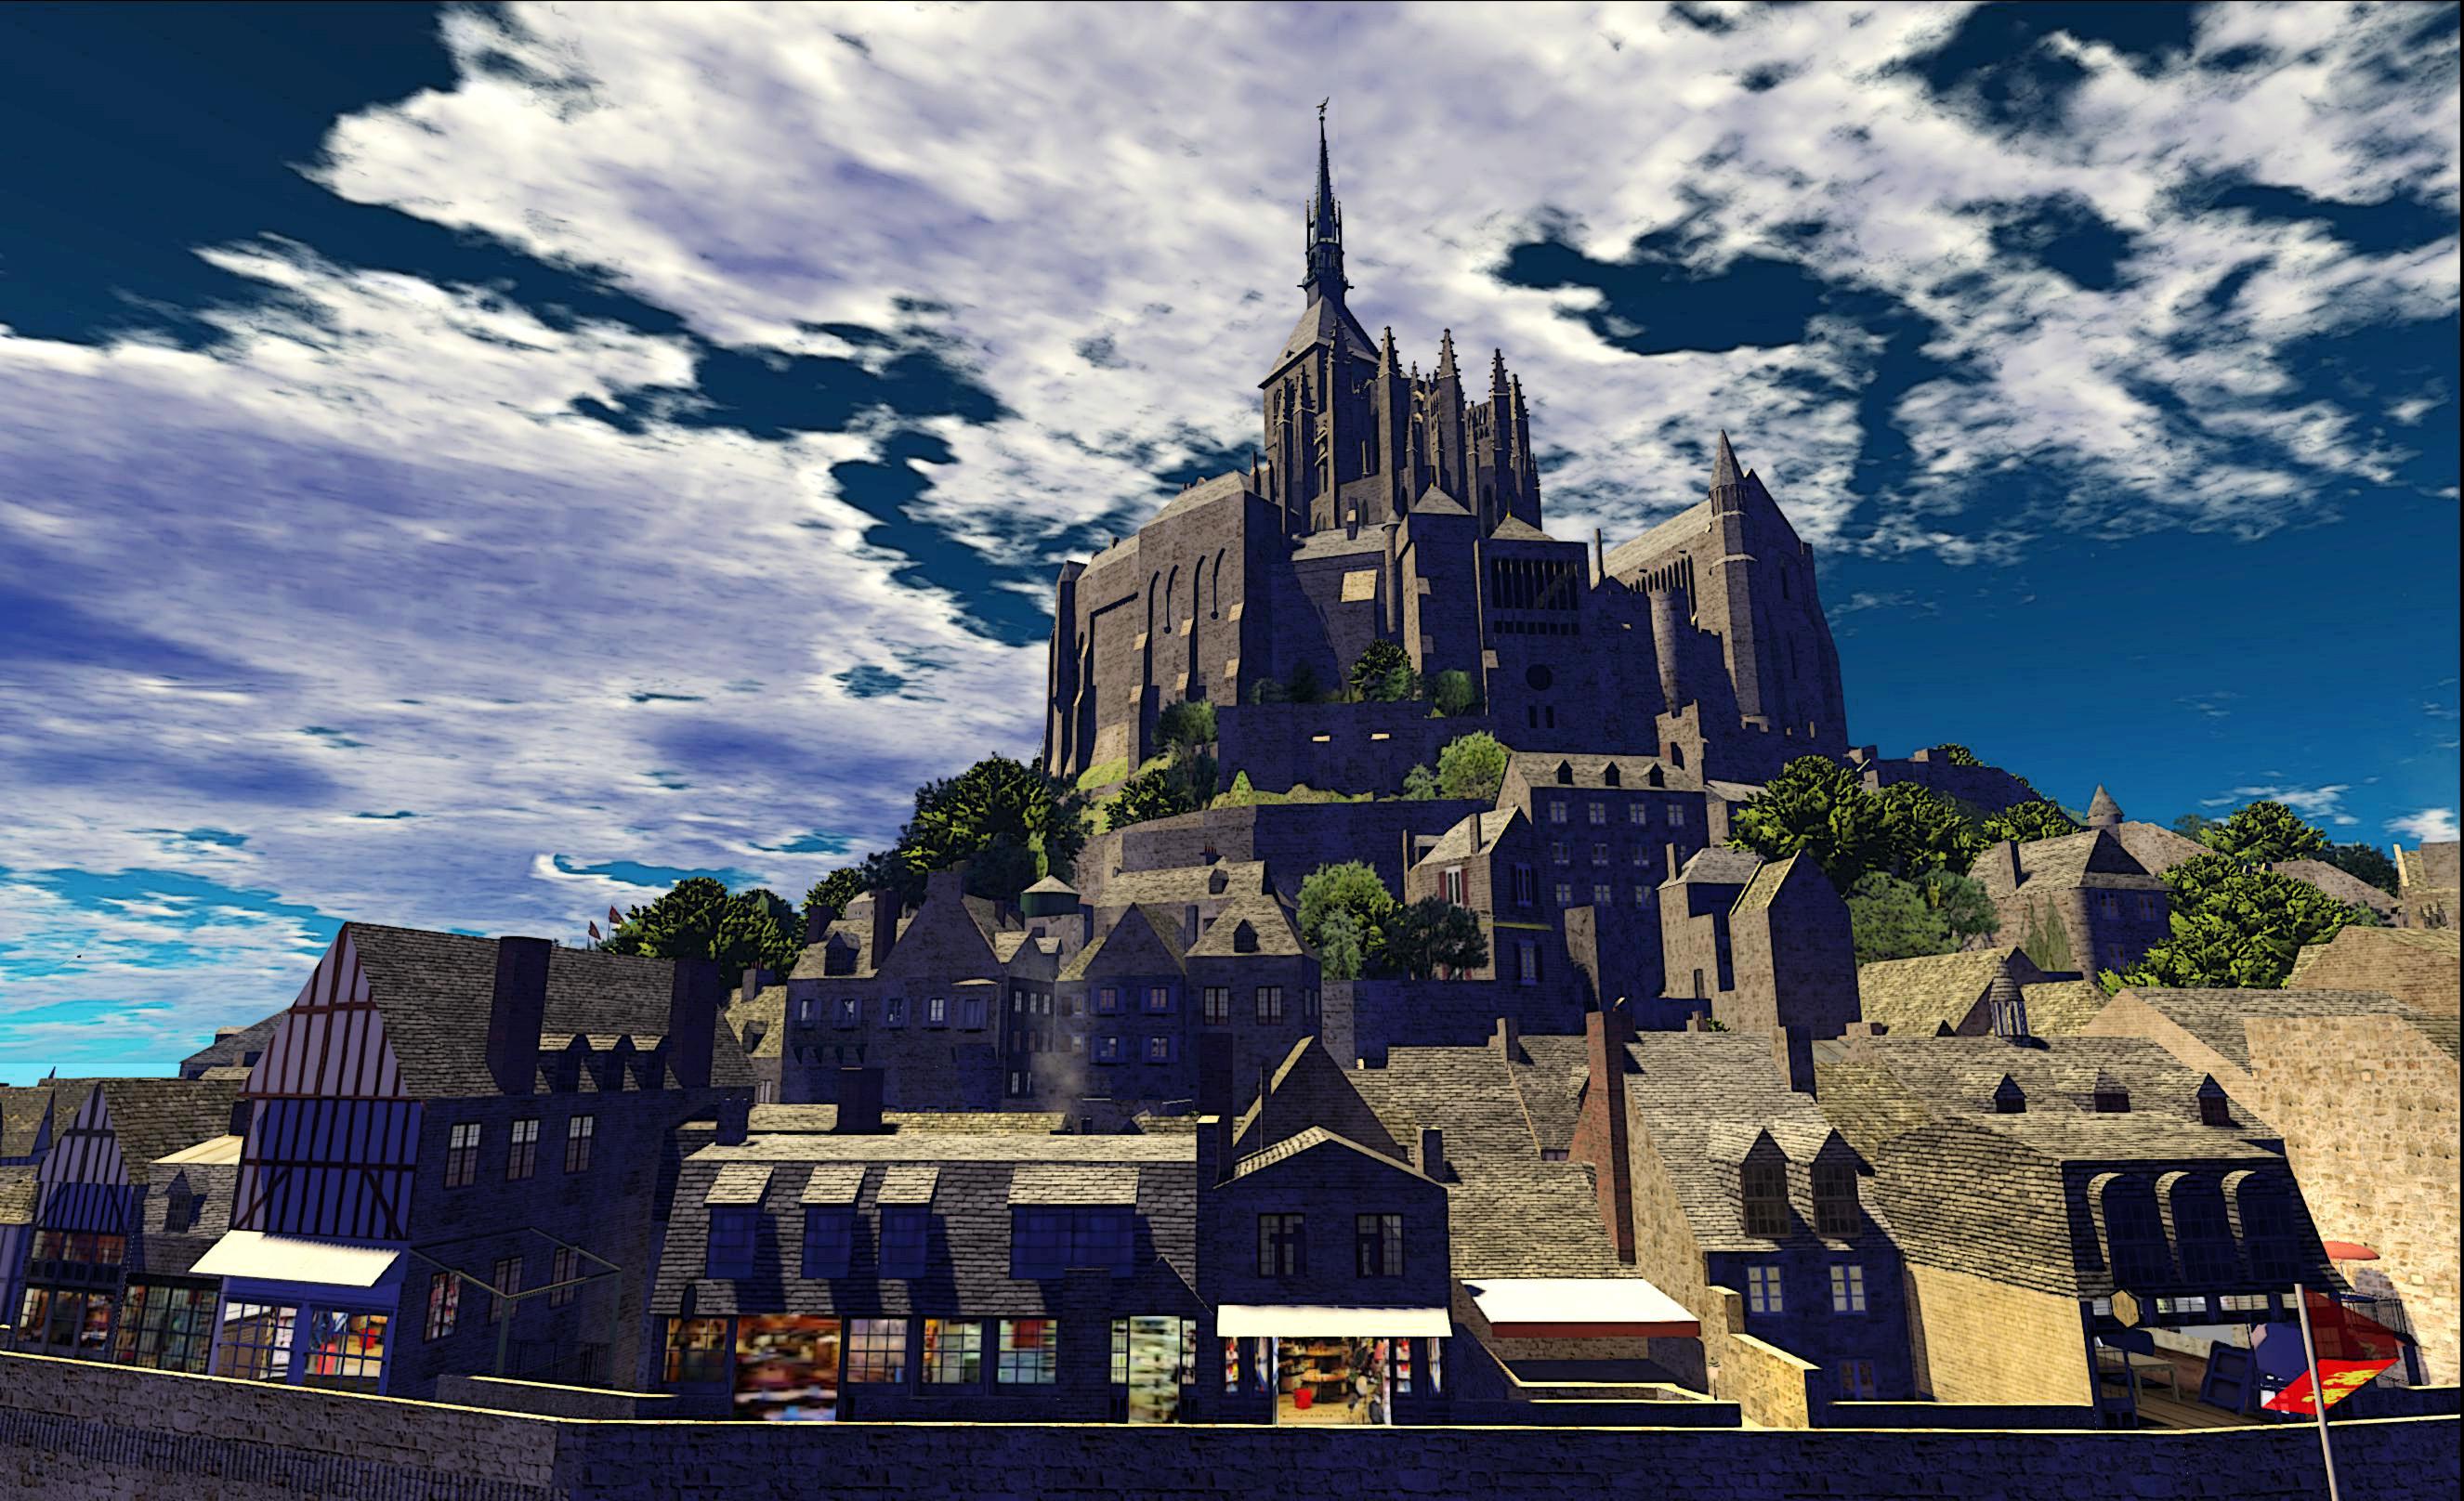 Mont Saint Michel; Inara Pey, June 2013, on Flickr